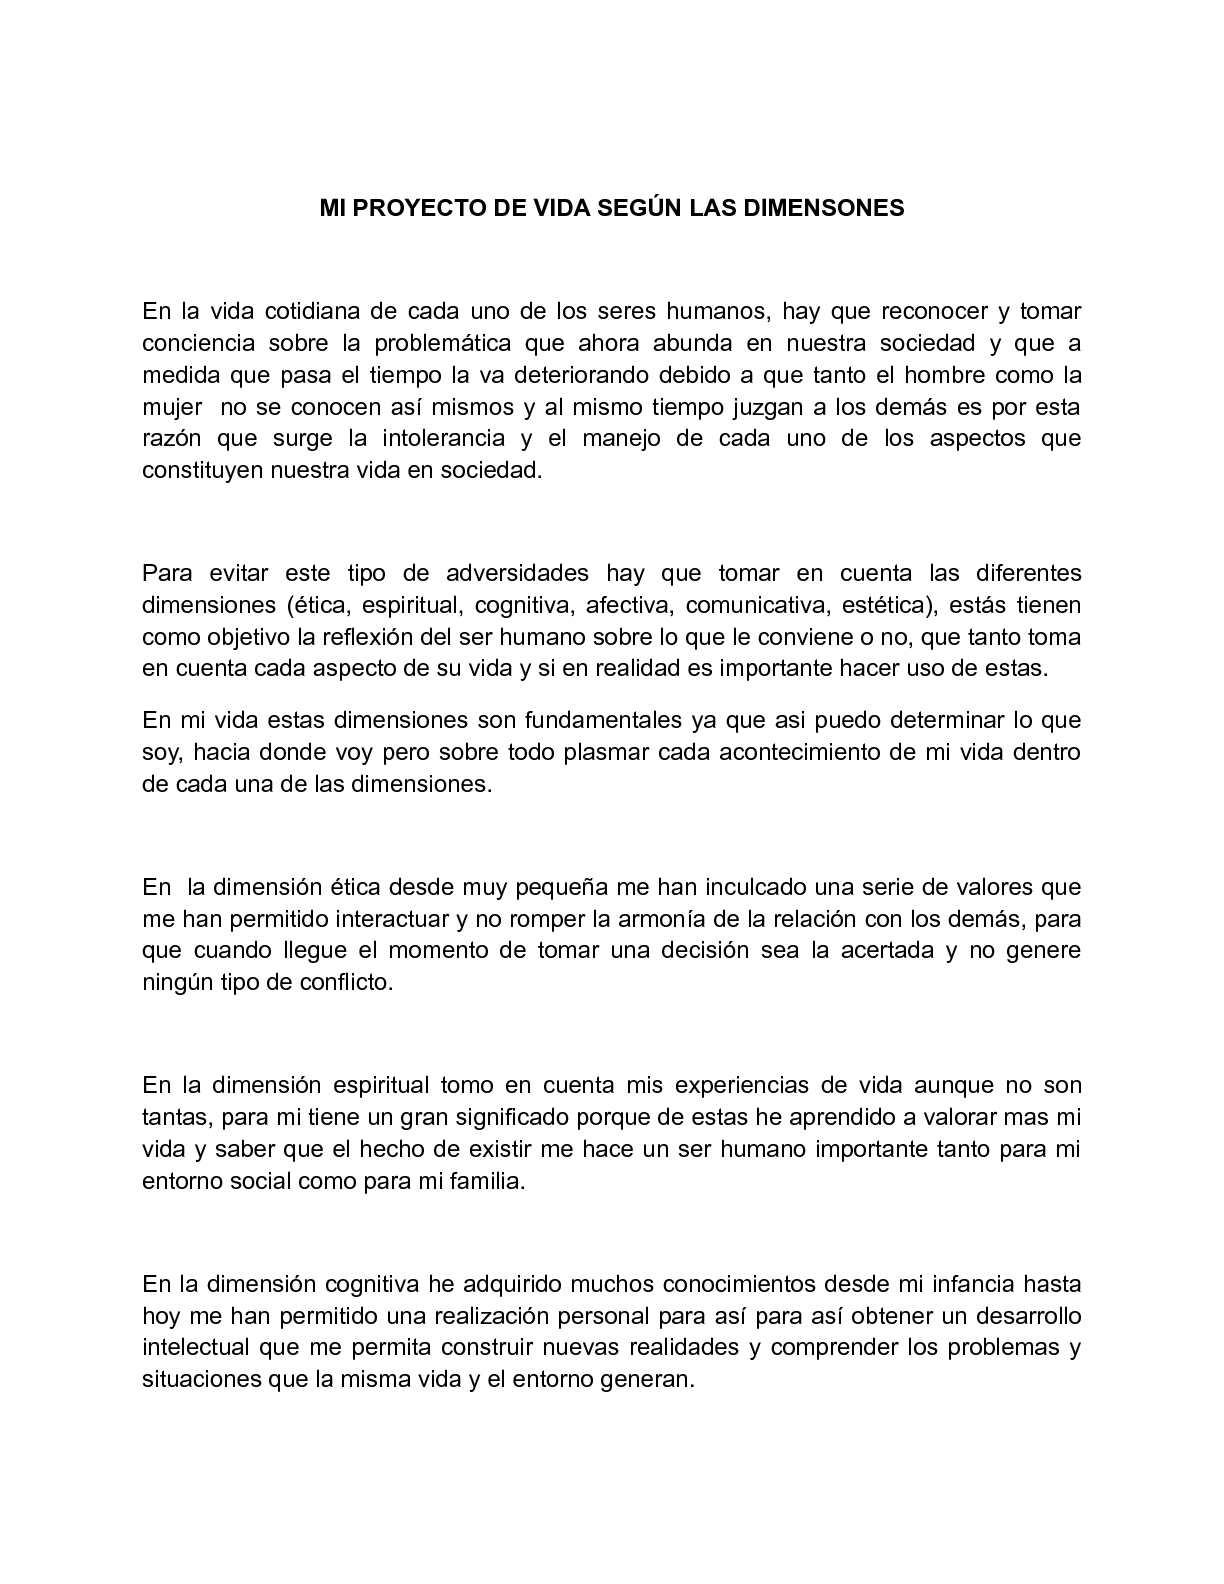 Calaméo - MI PROYECTO DE VIDA SEGUN LAS DIMENSIONES